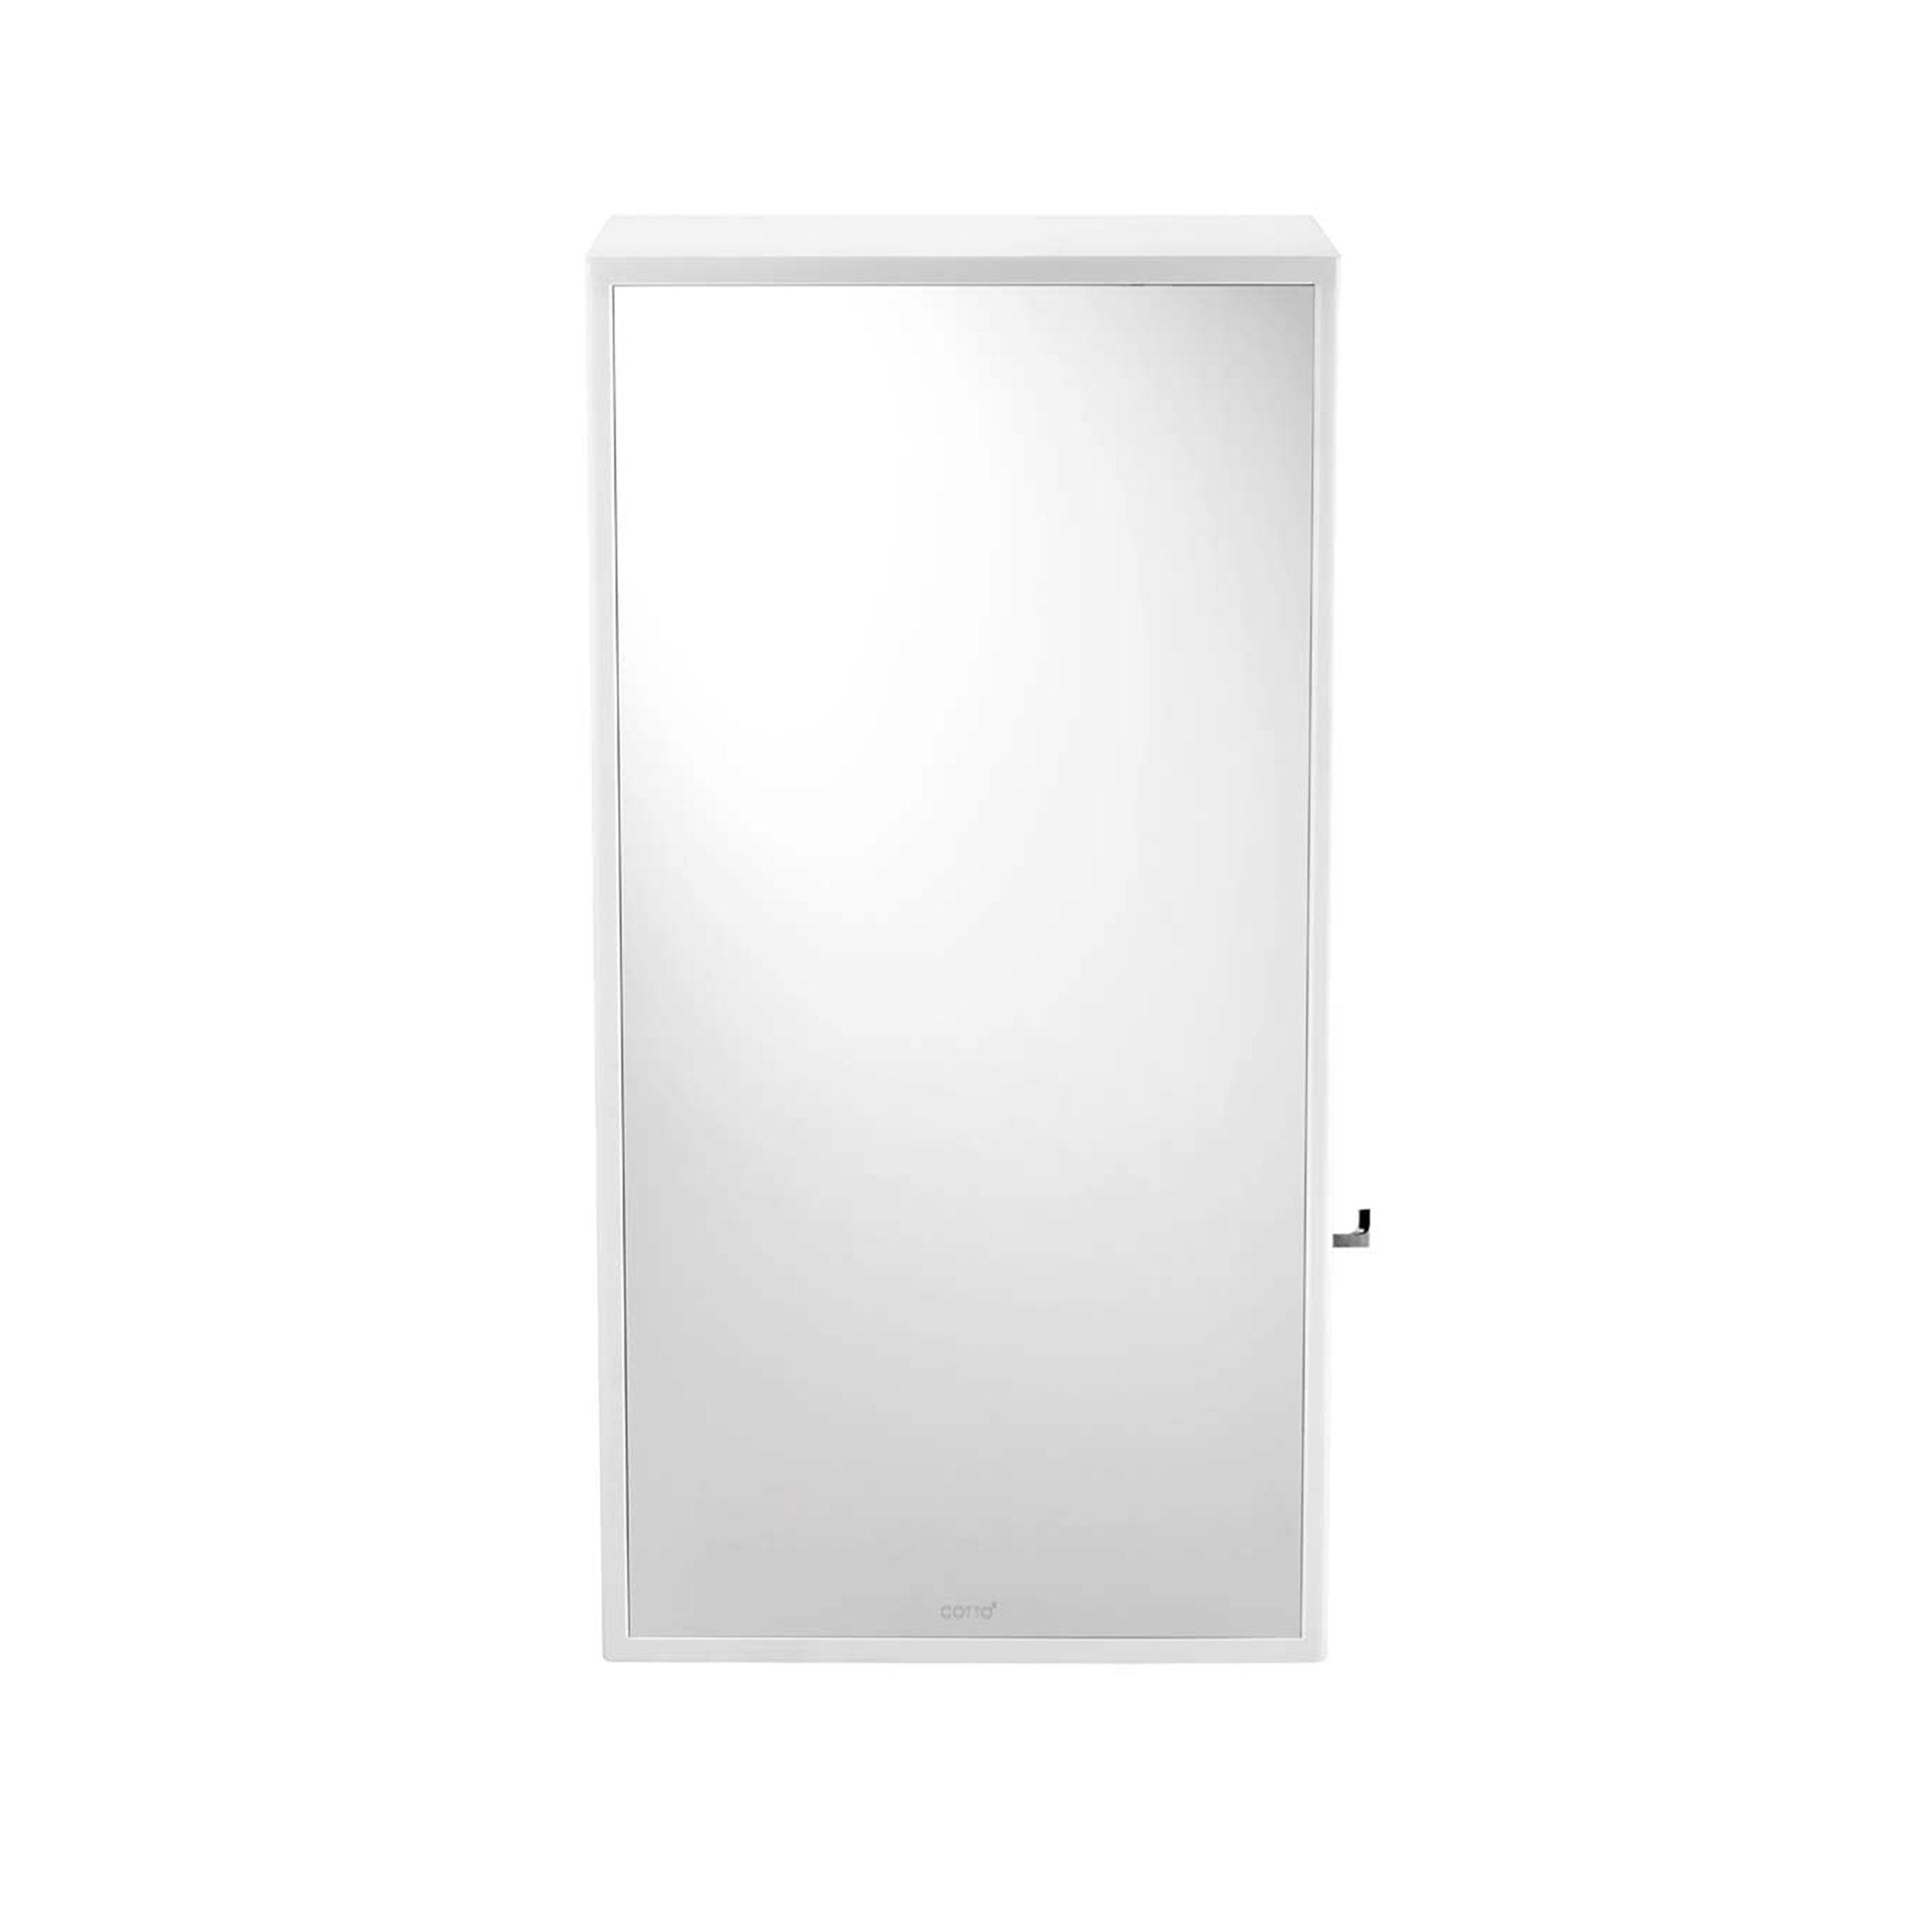 กระจกเงา มุม 10 องศา 540X1028 มม. สีเงิน